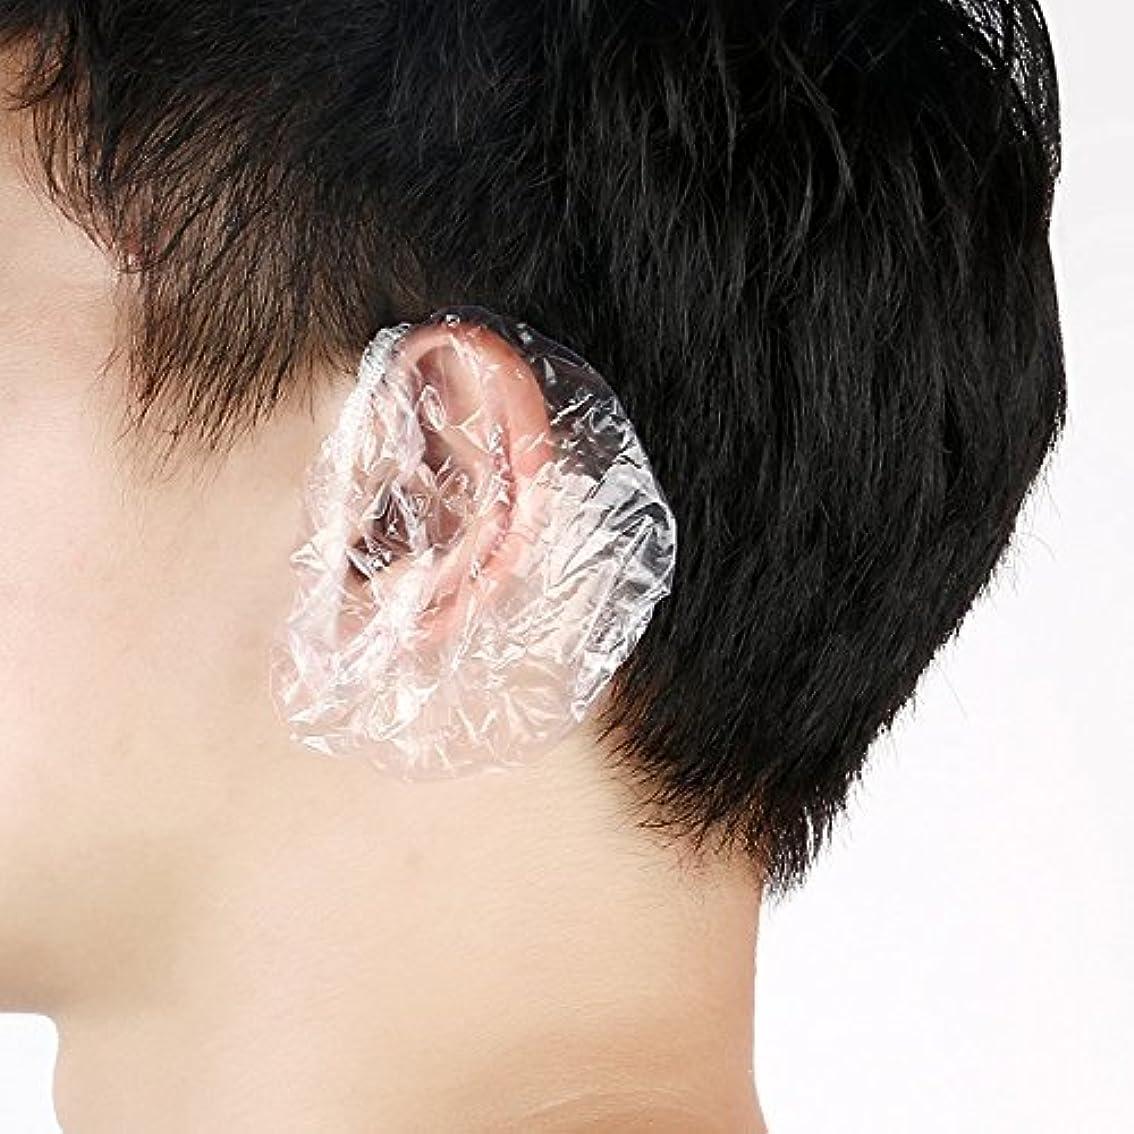 引き潮フィット靄AMAA 耳キャップ 毛染め用 耳カバー  使い捨て 衛生的 袋入 100枚入り